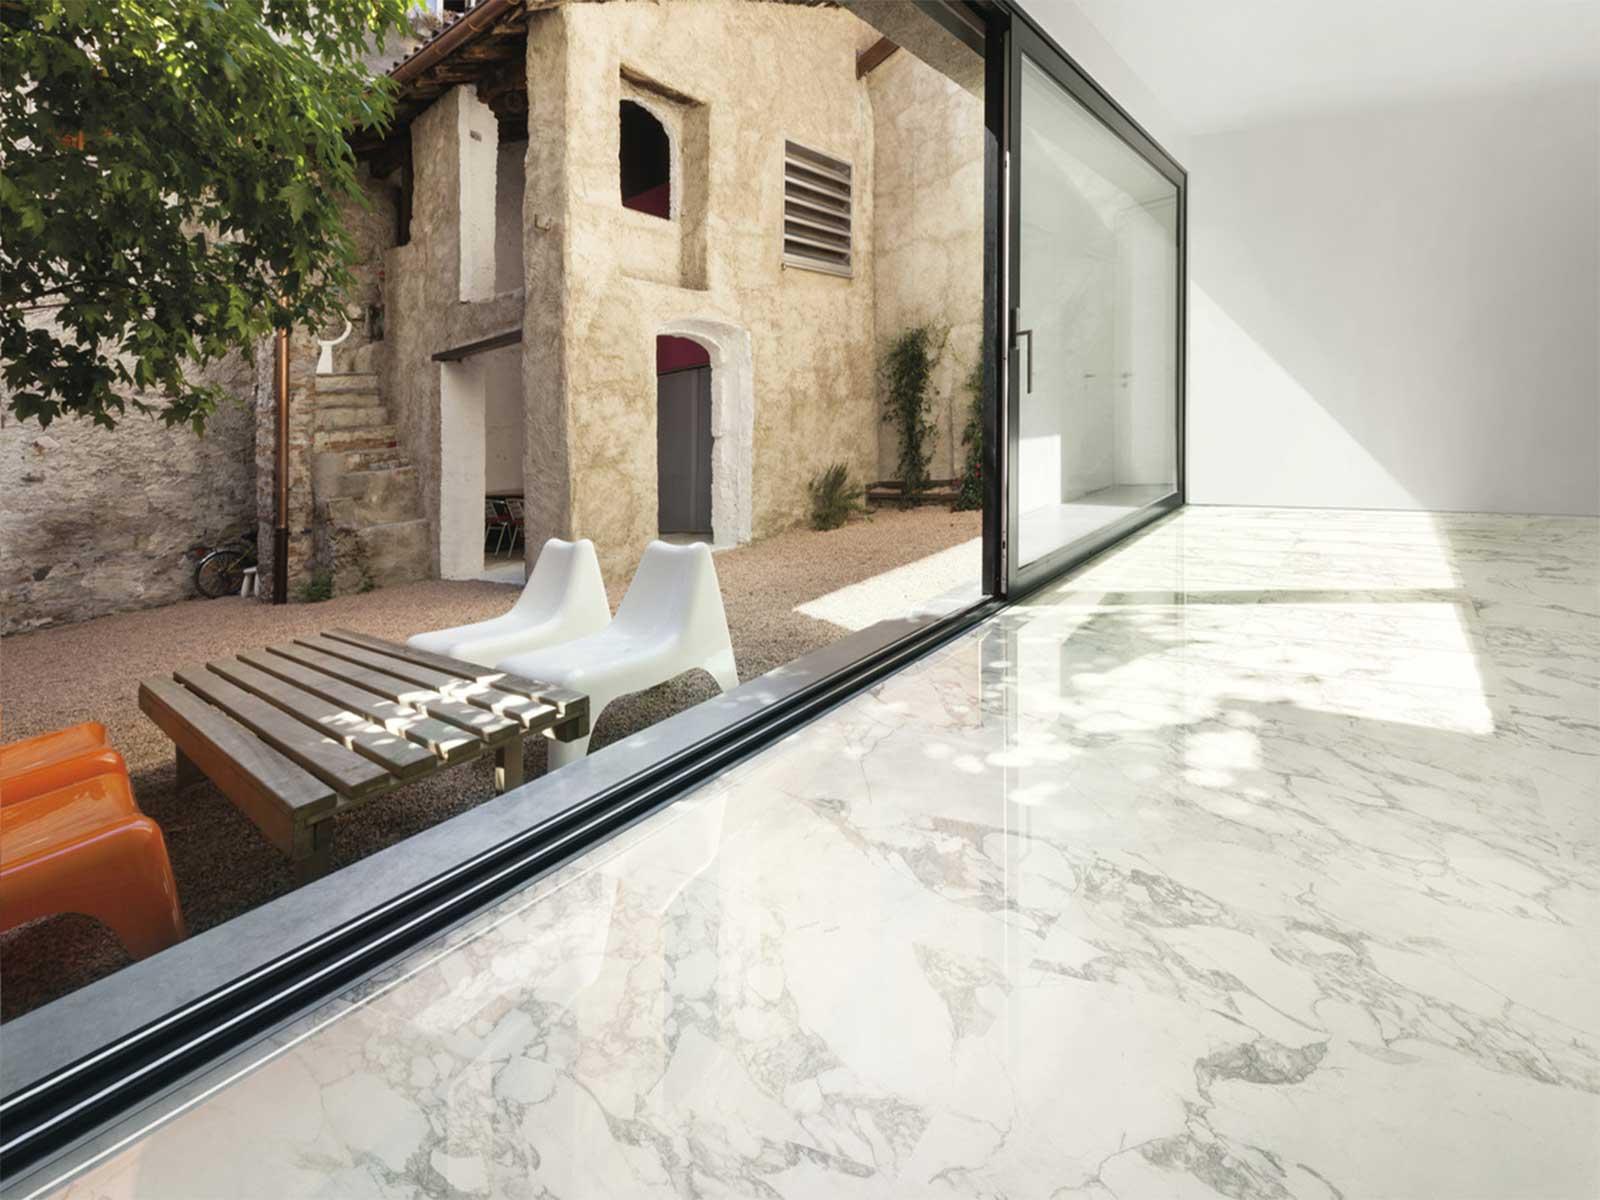 Ceramiche Santin Pavimenti Effetto Marmo Bianco di Ariostea - Arabescato Classico